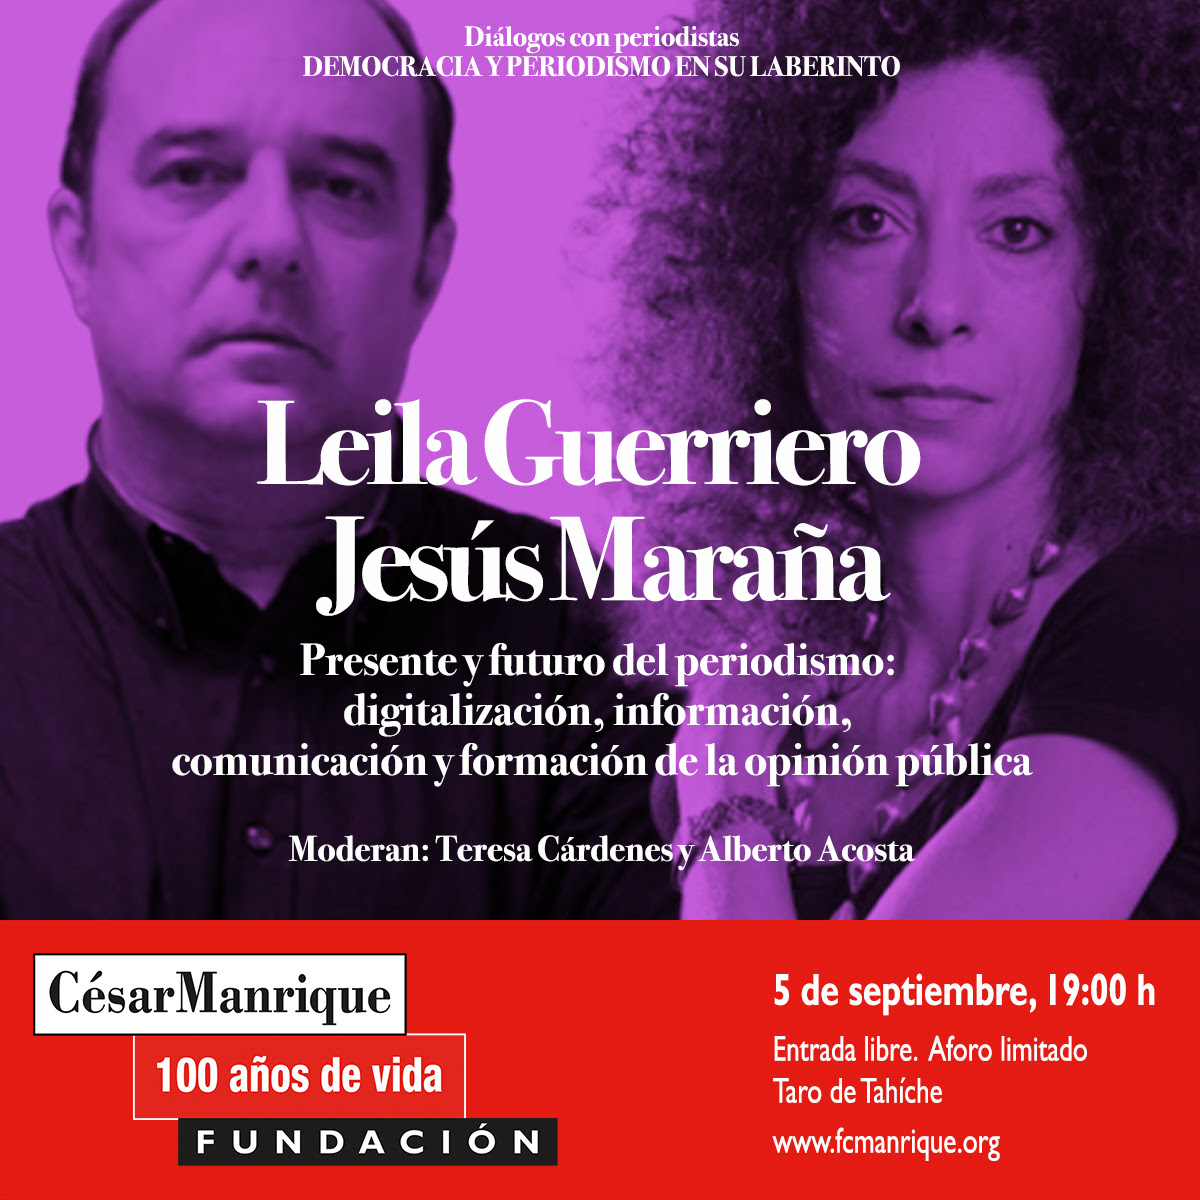 Leila Guerriero y Jesús Maraña conversarán sobre el presente y el futuro del periodismo en la Fundación César Manrique, en el marco del centenario de su fundador